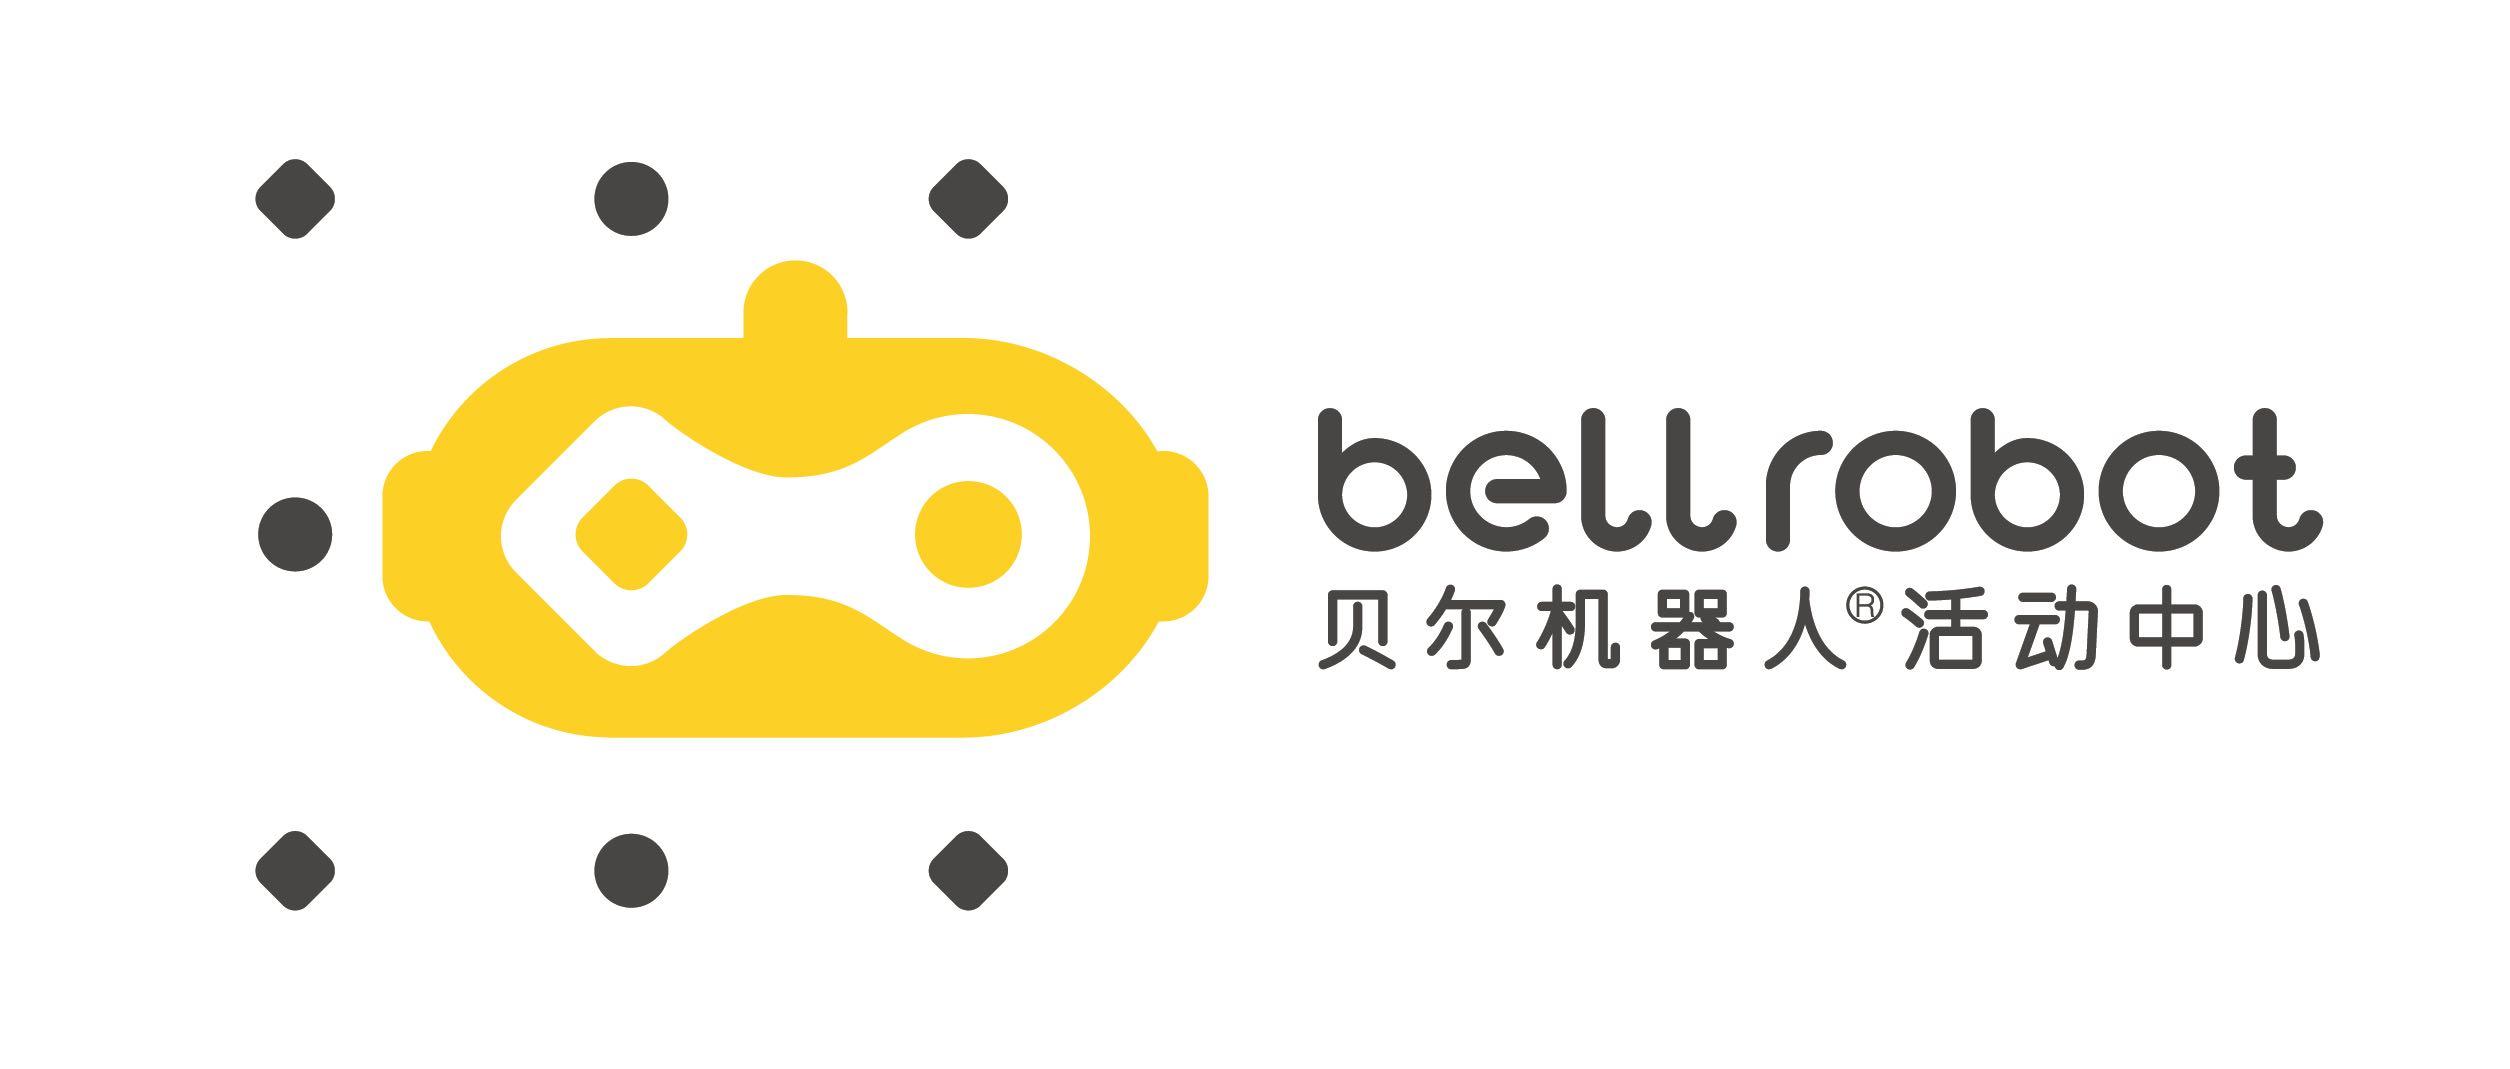 四川貝爾教育科技有限公司龍湖分公司